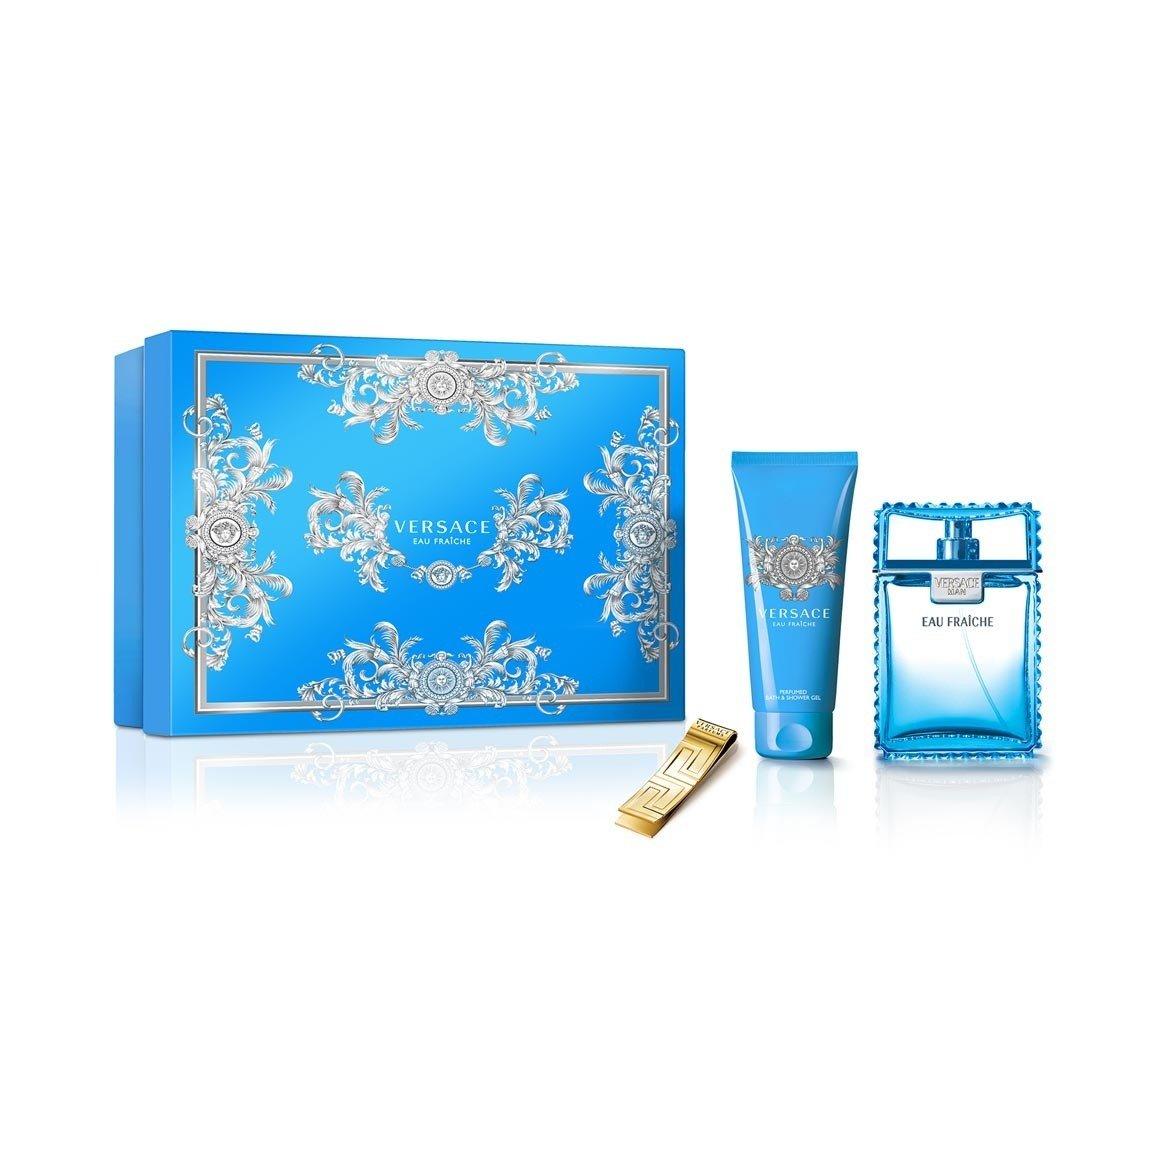 VERSACE Eau Fraiche Men Gift Set, 3.4 Fluid Ounce